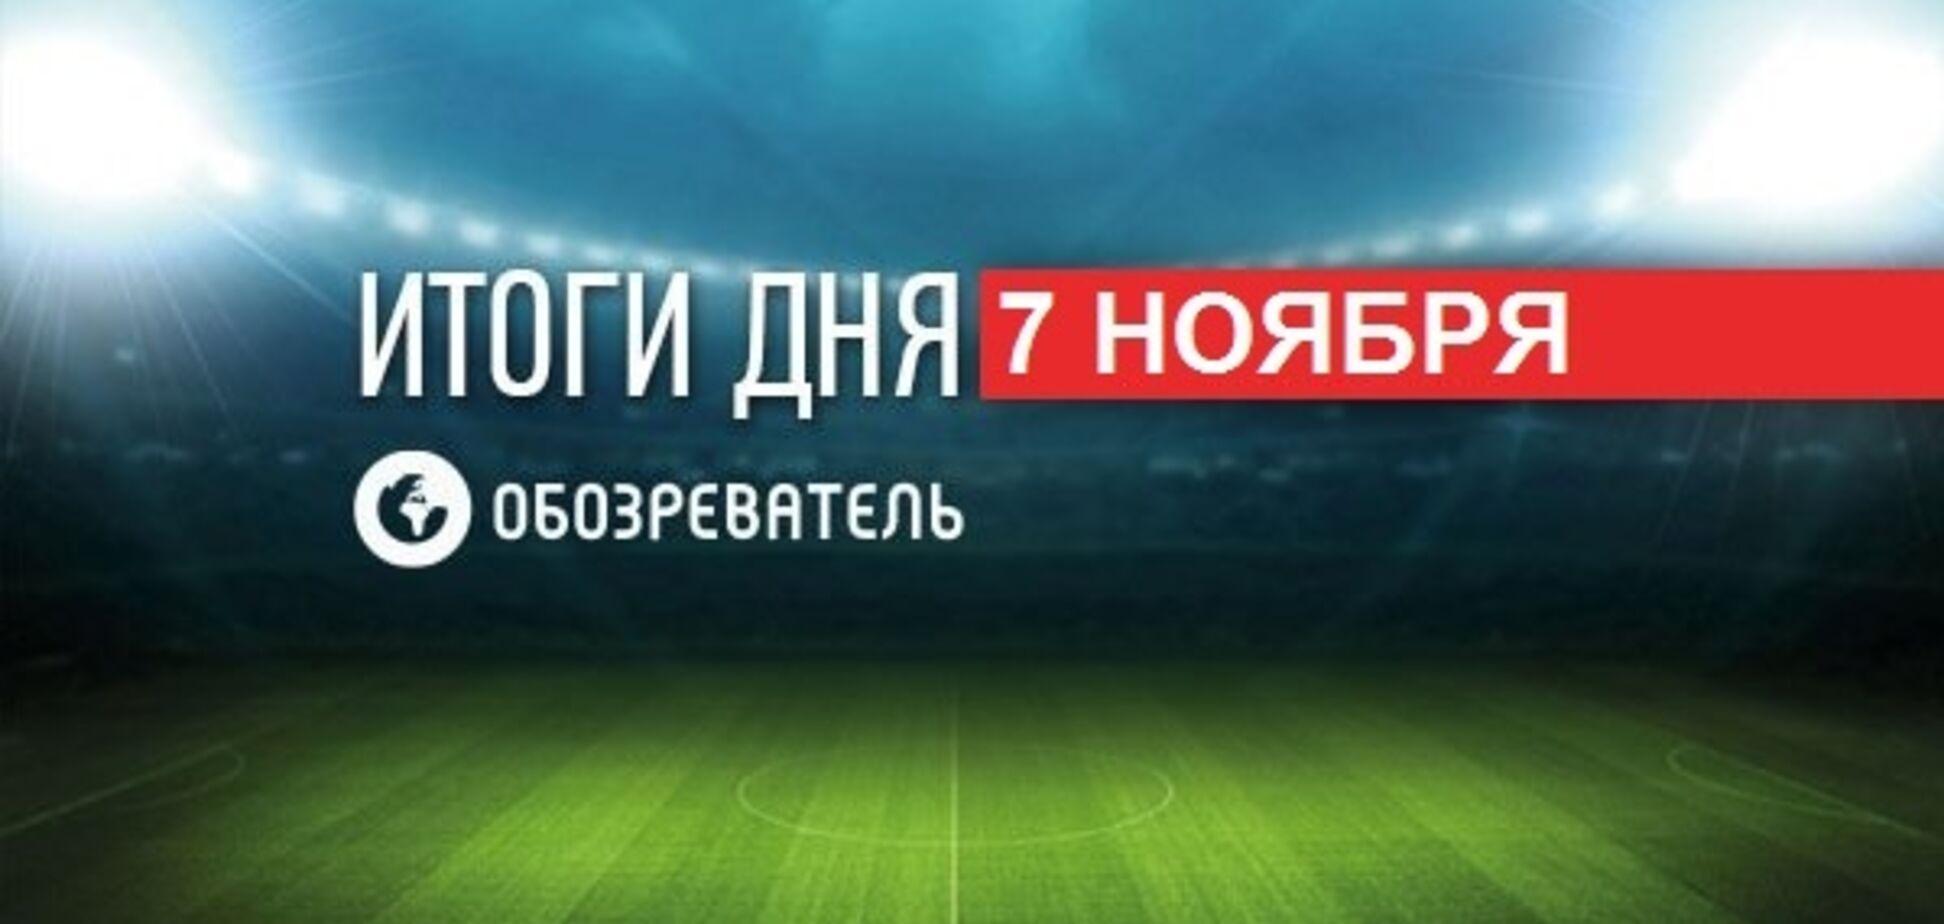 Камбэки Украины в Лиге Европы: спортивные итоги 7 ноября